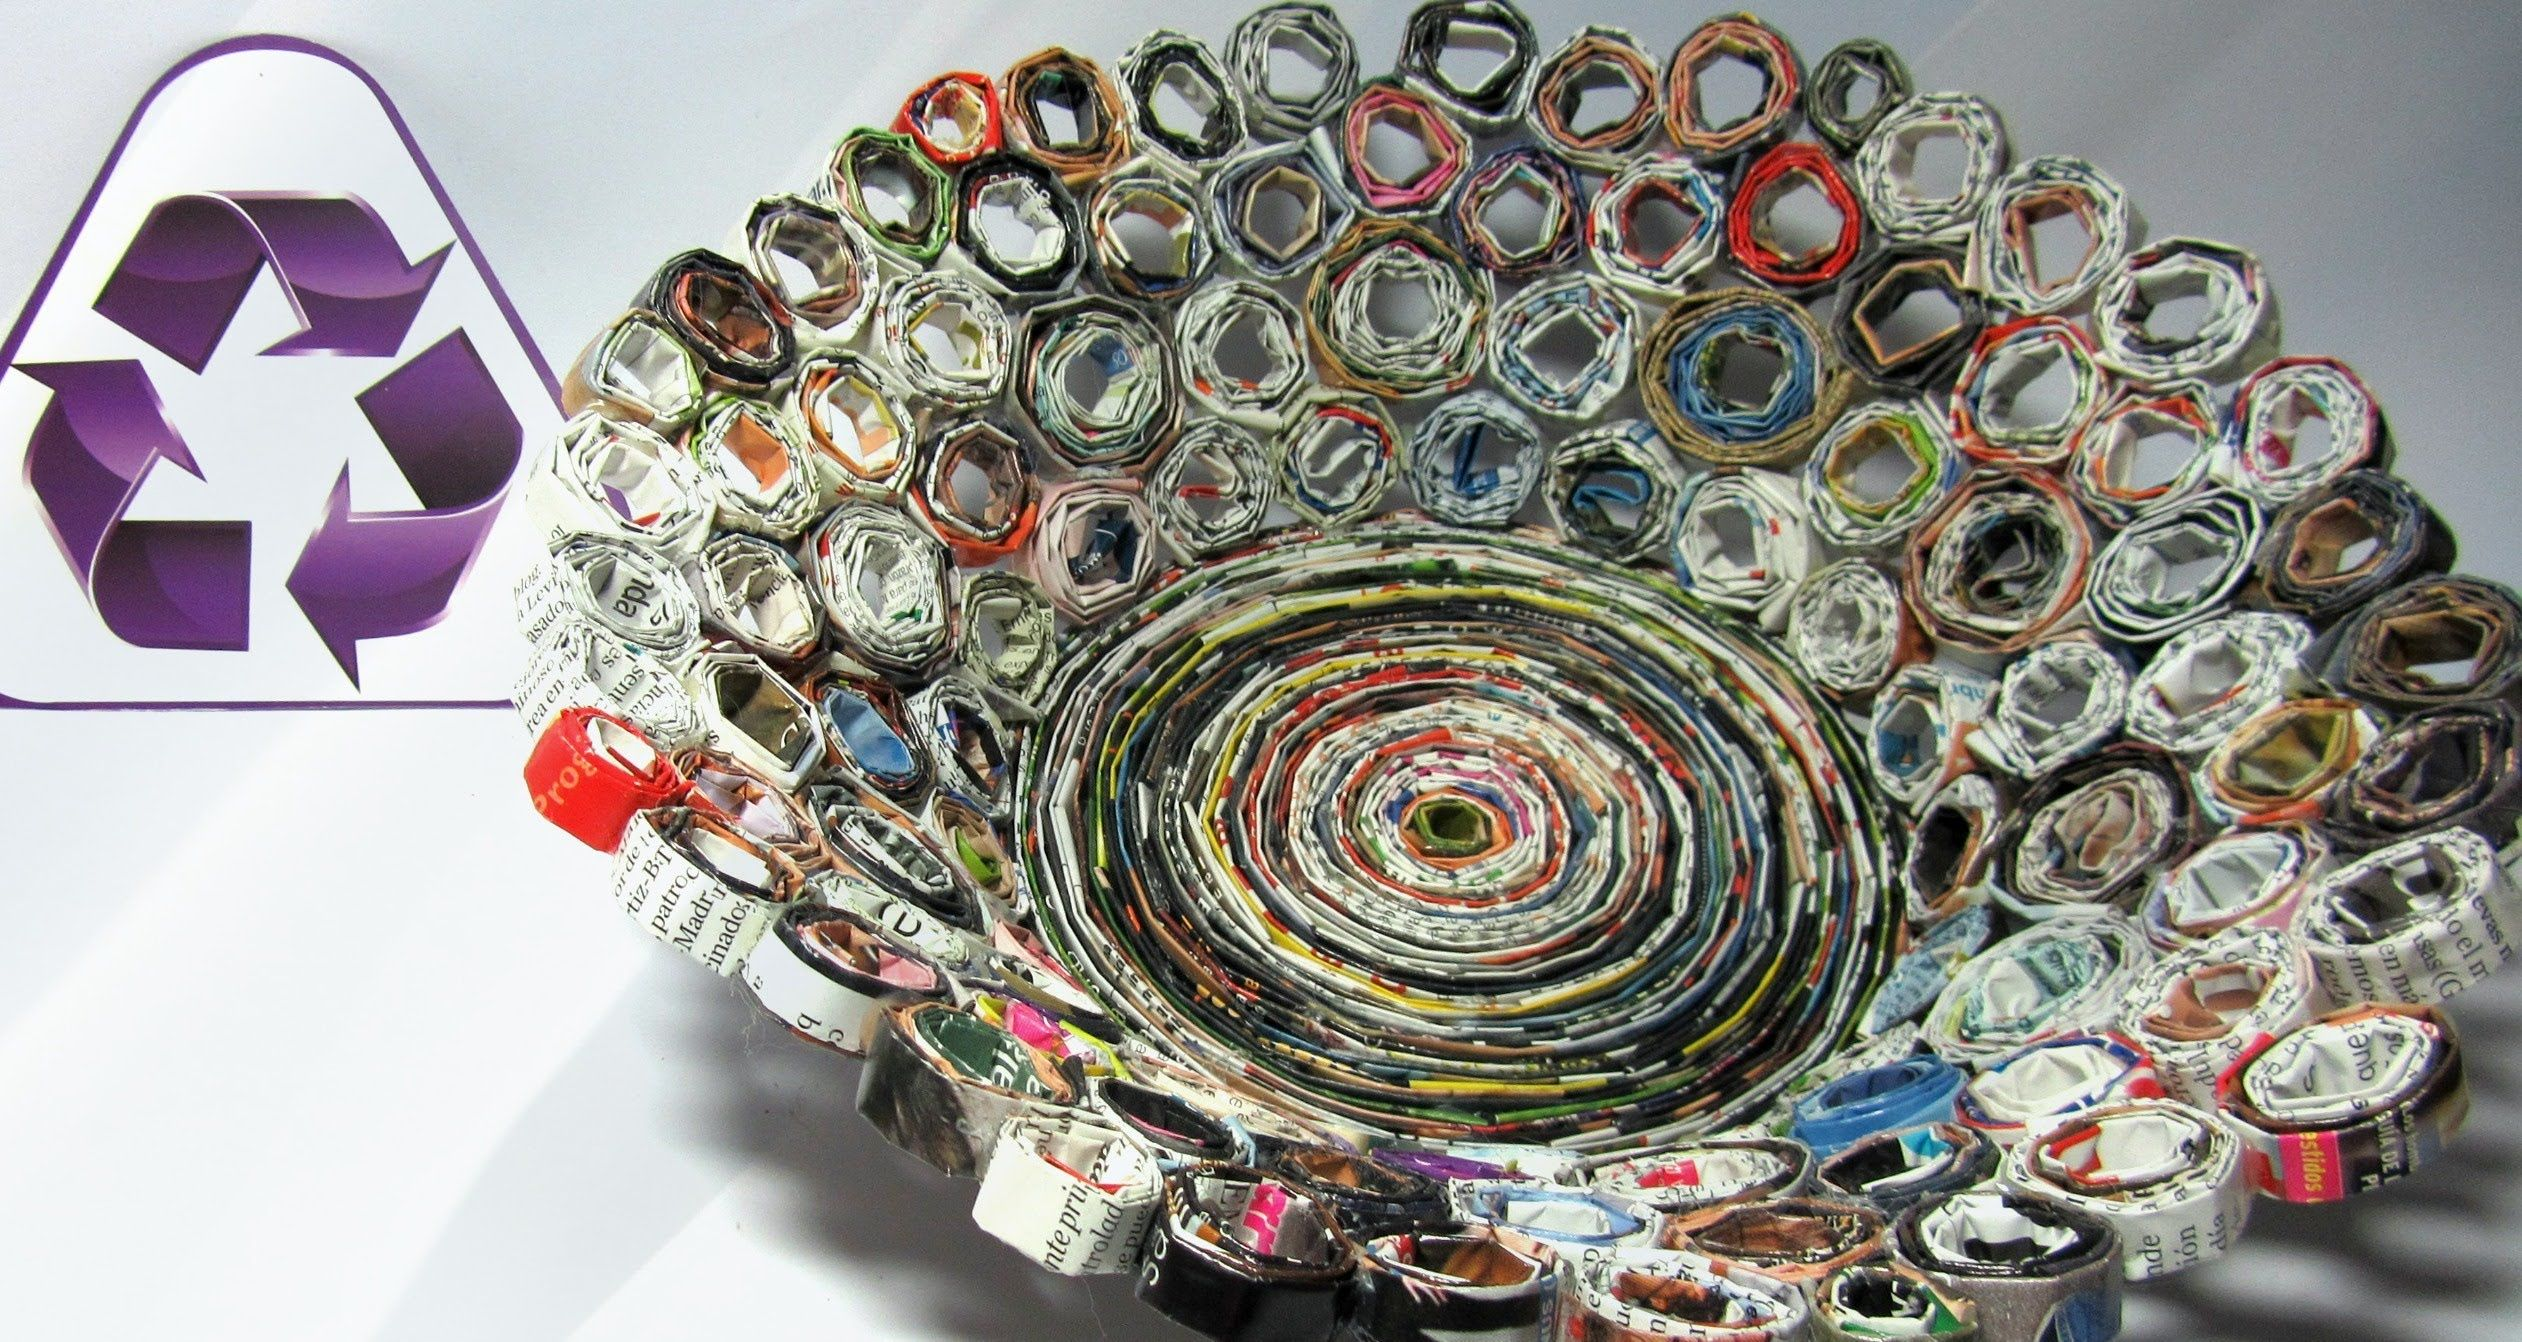 Reciclaje Cesta Hecha Con Revistas Basket Made With Magazines